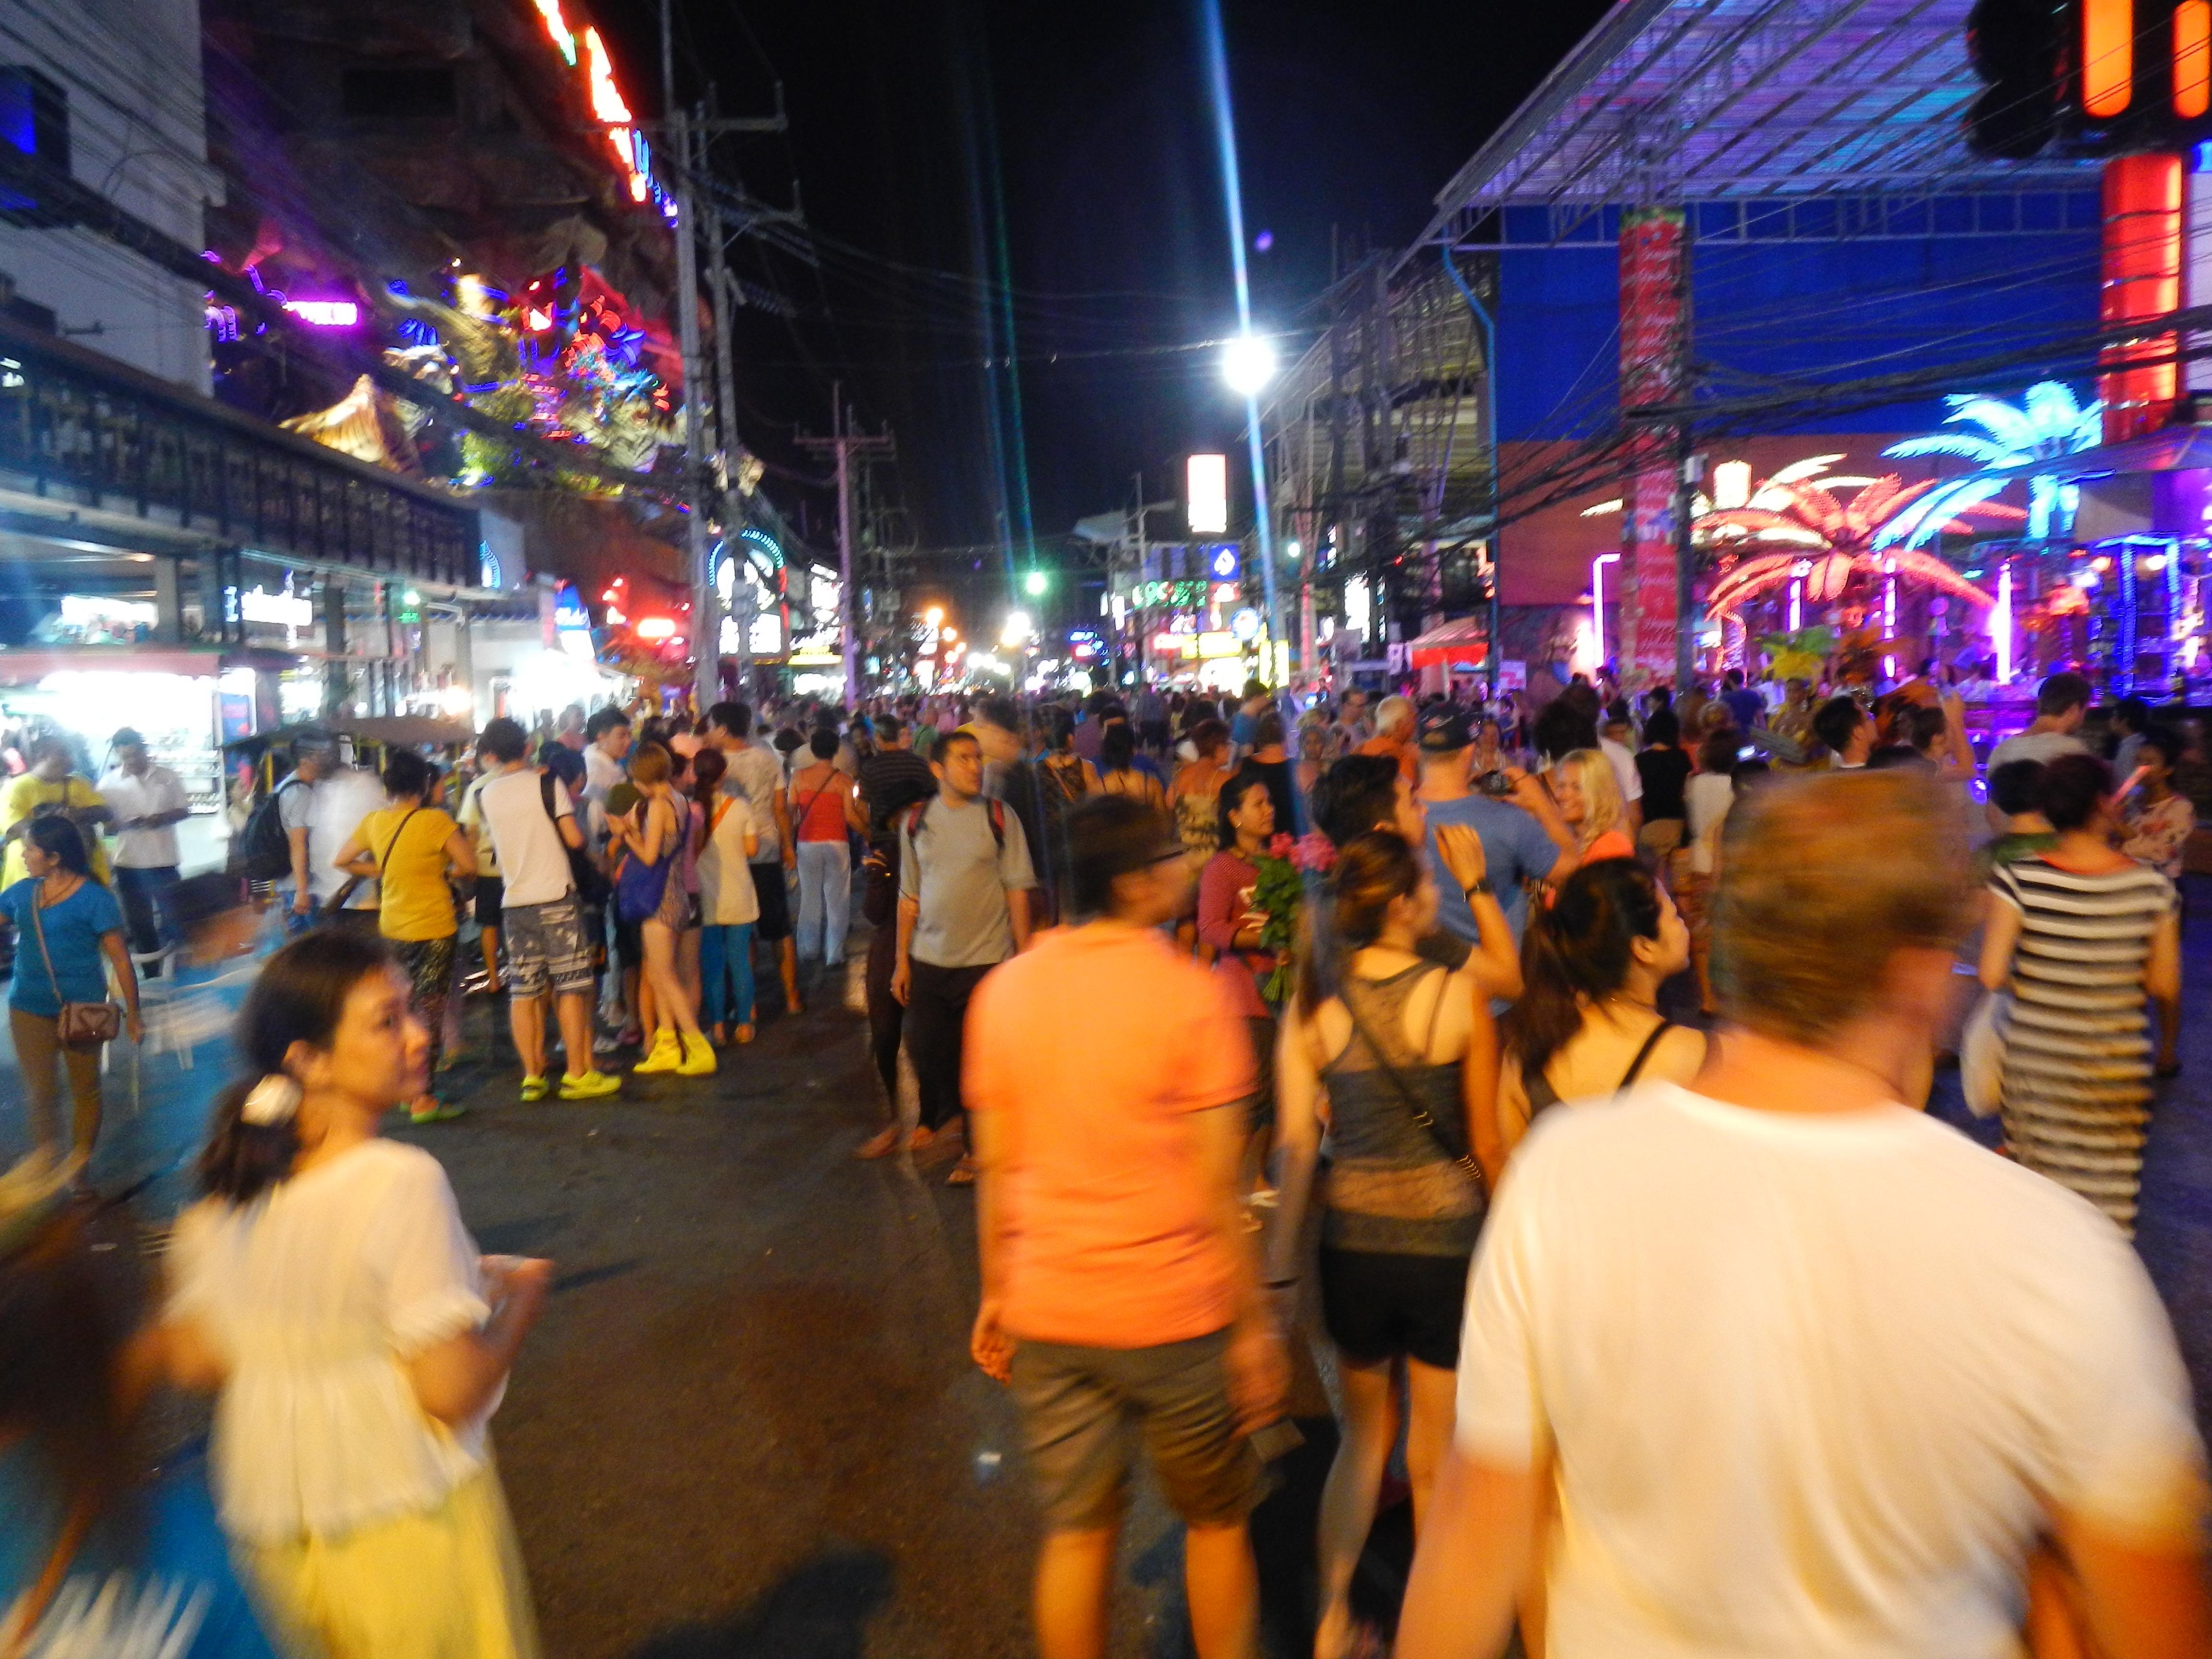 banzaan菜市场前的夜市